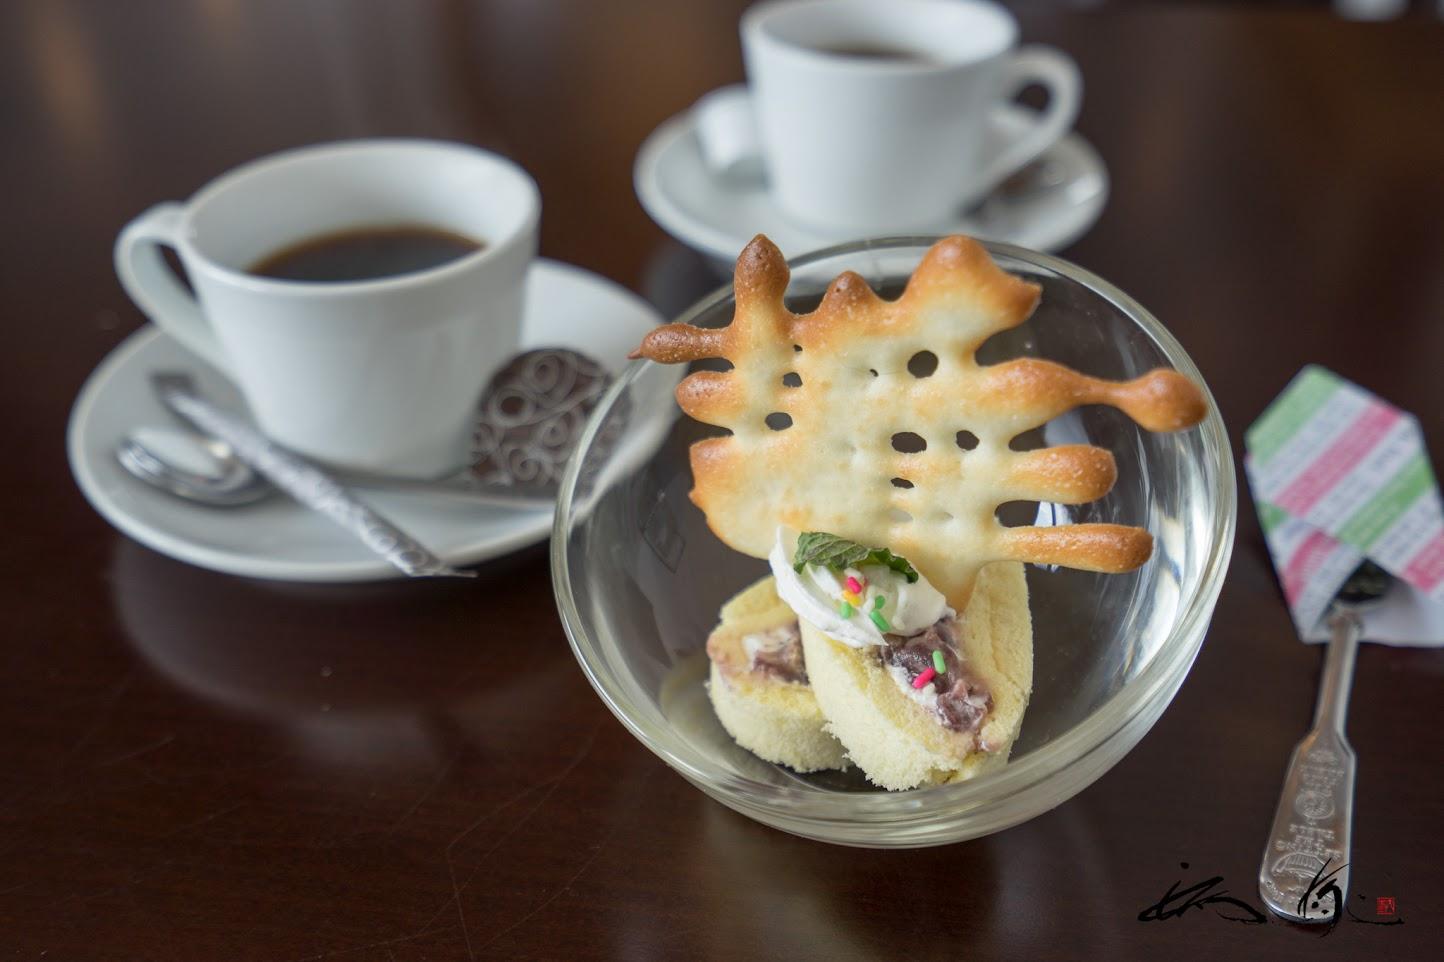 デザート:小豆のロールケーキ